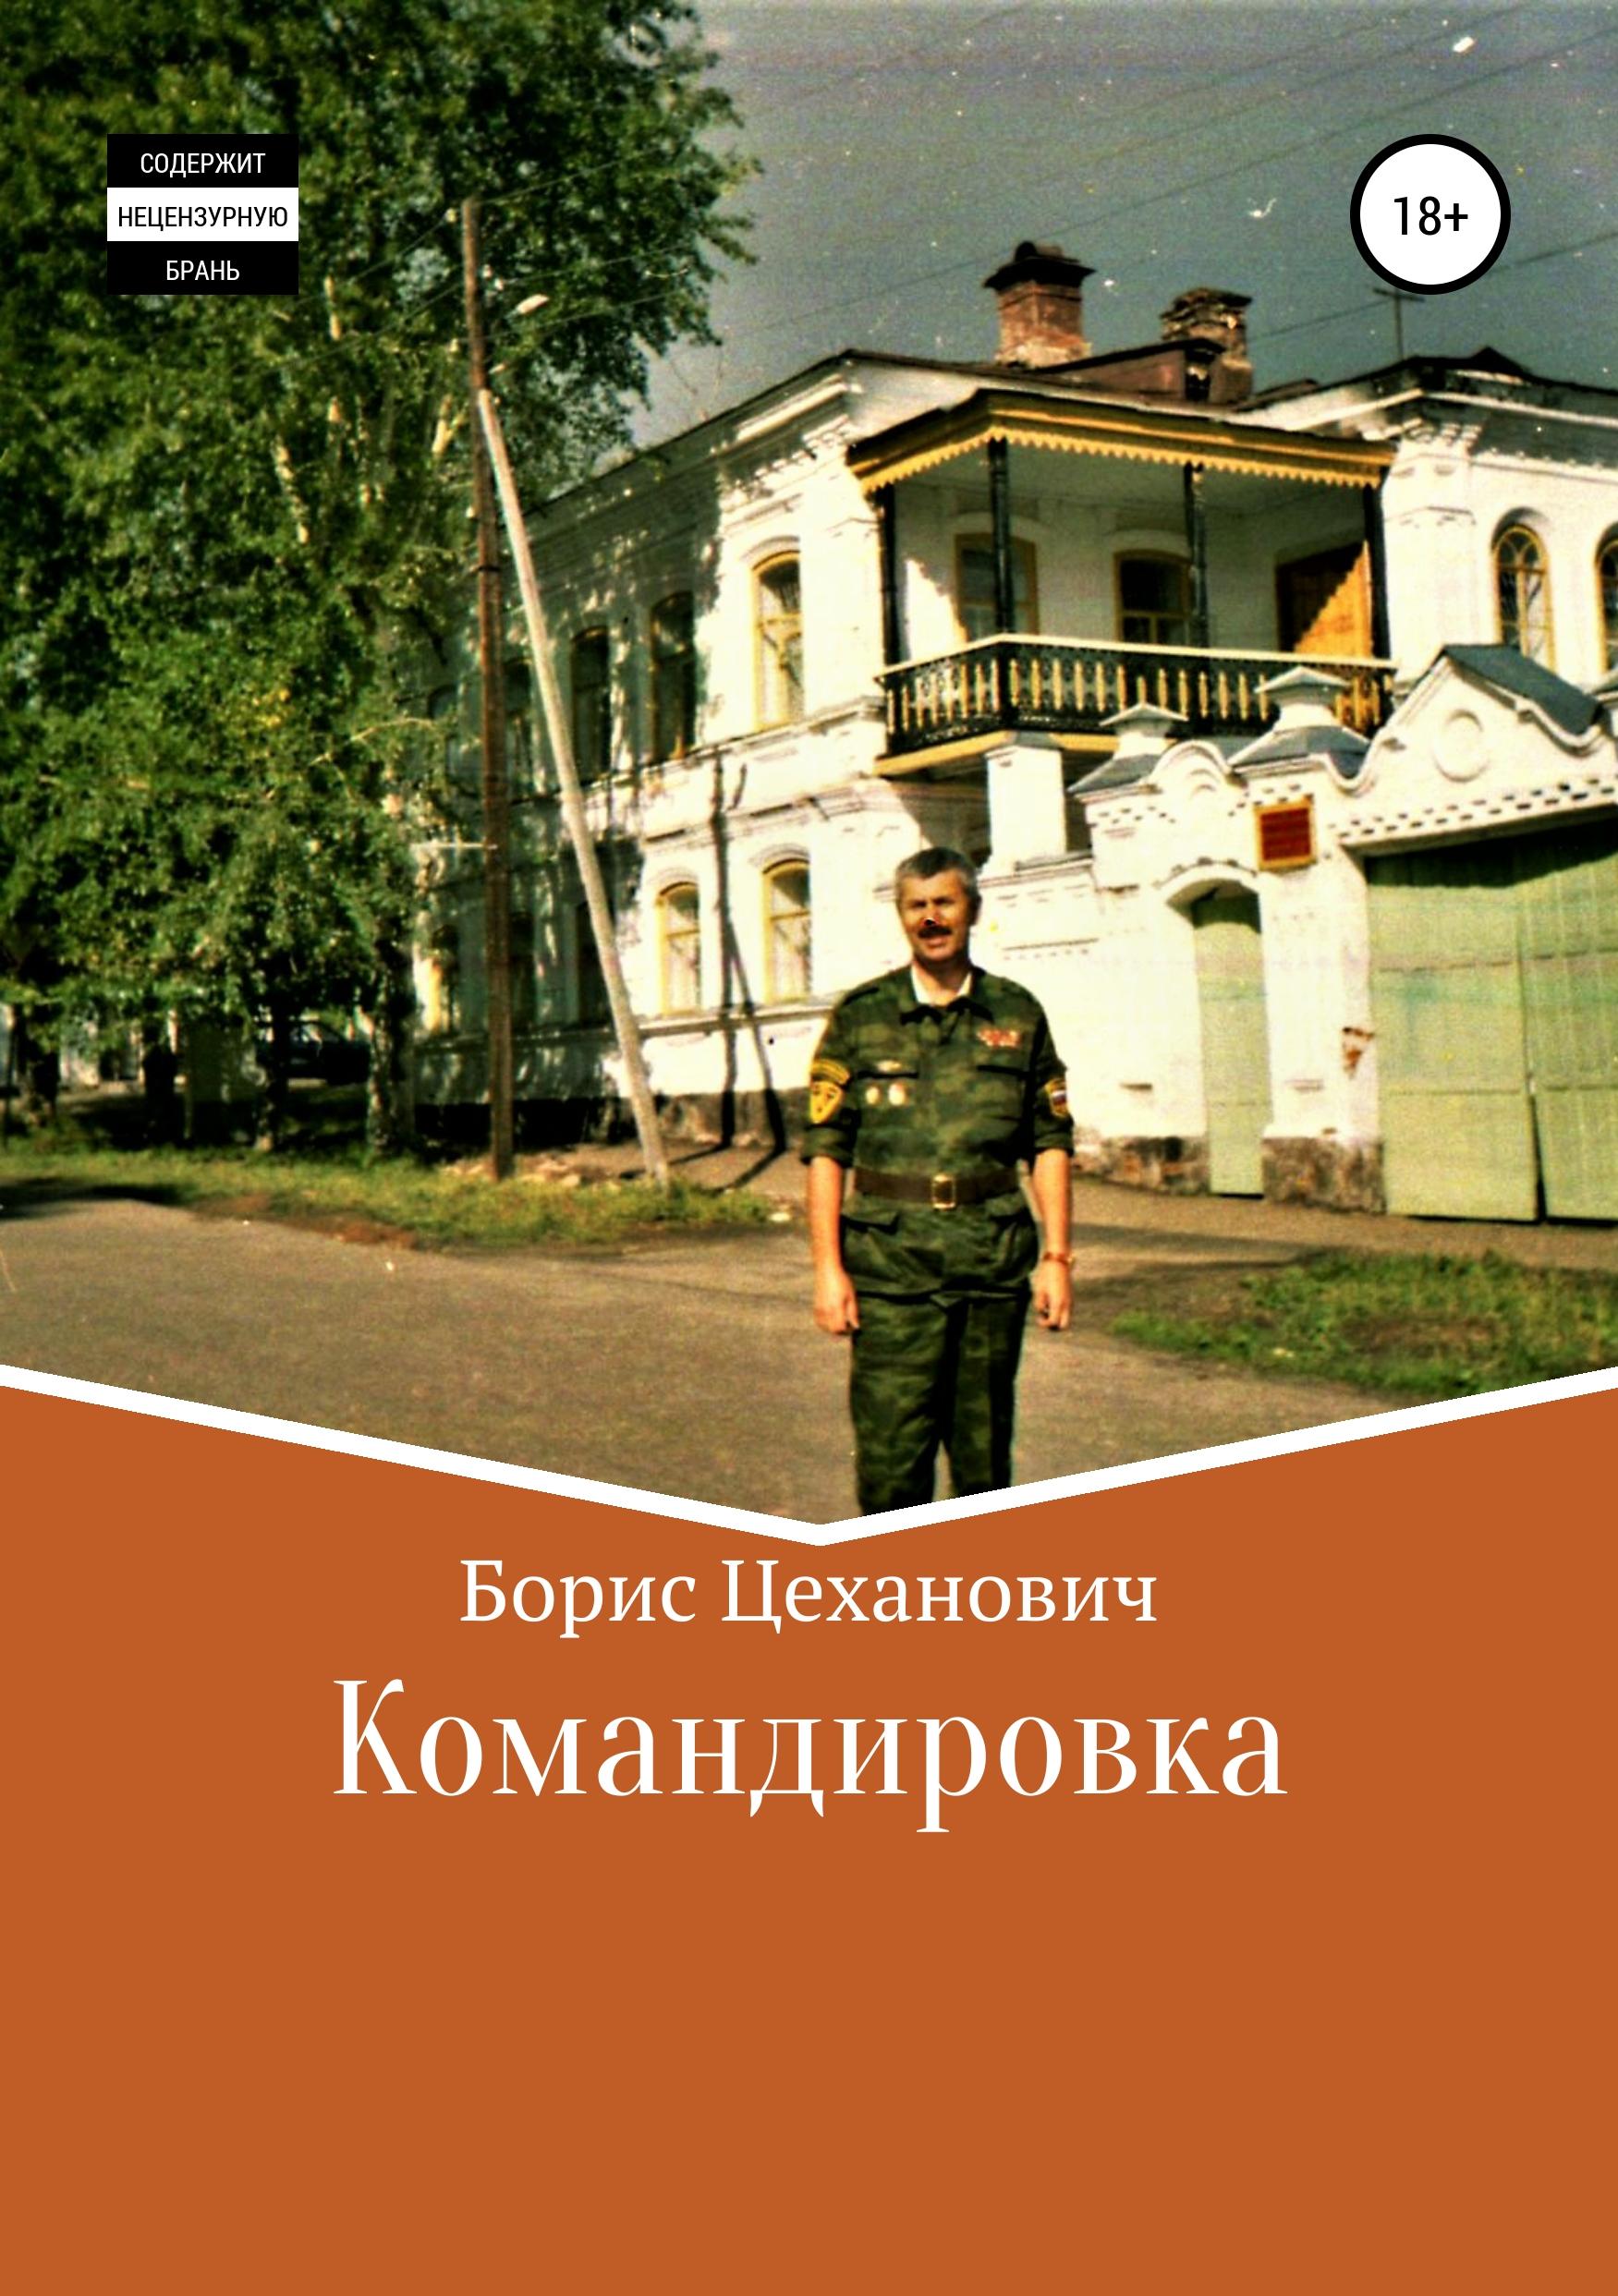 Борис Геннадьевич Цеханович Командировка